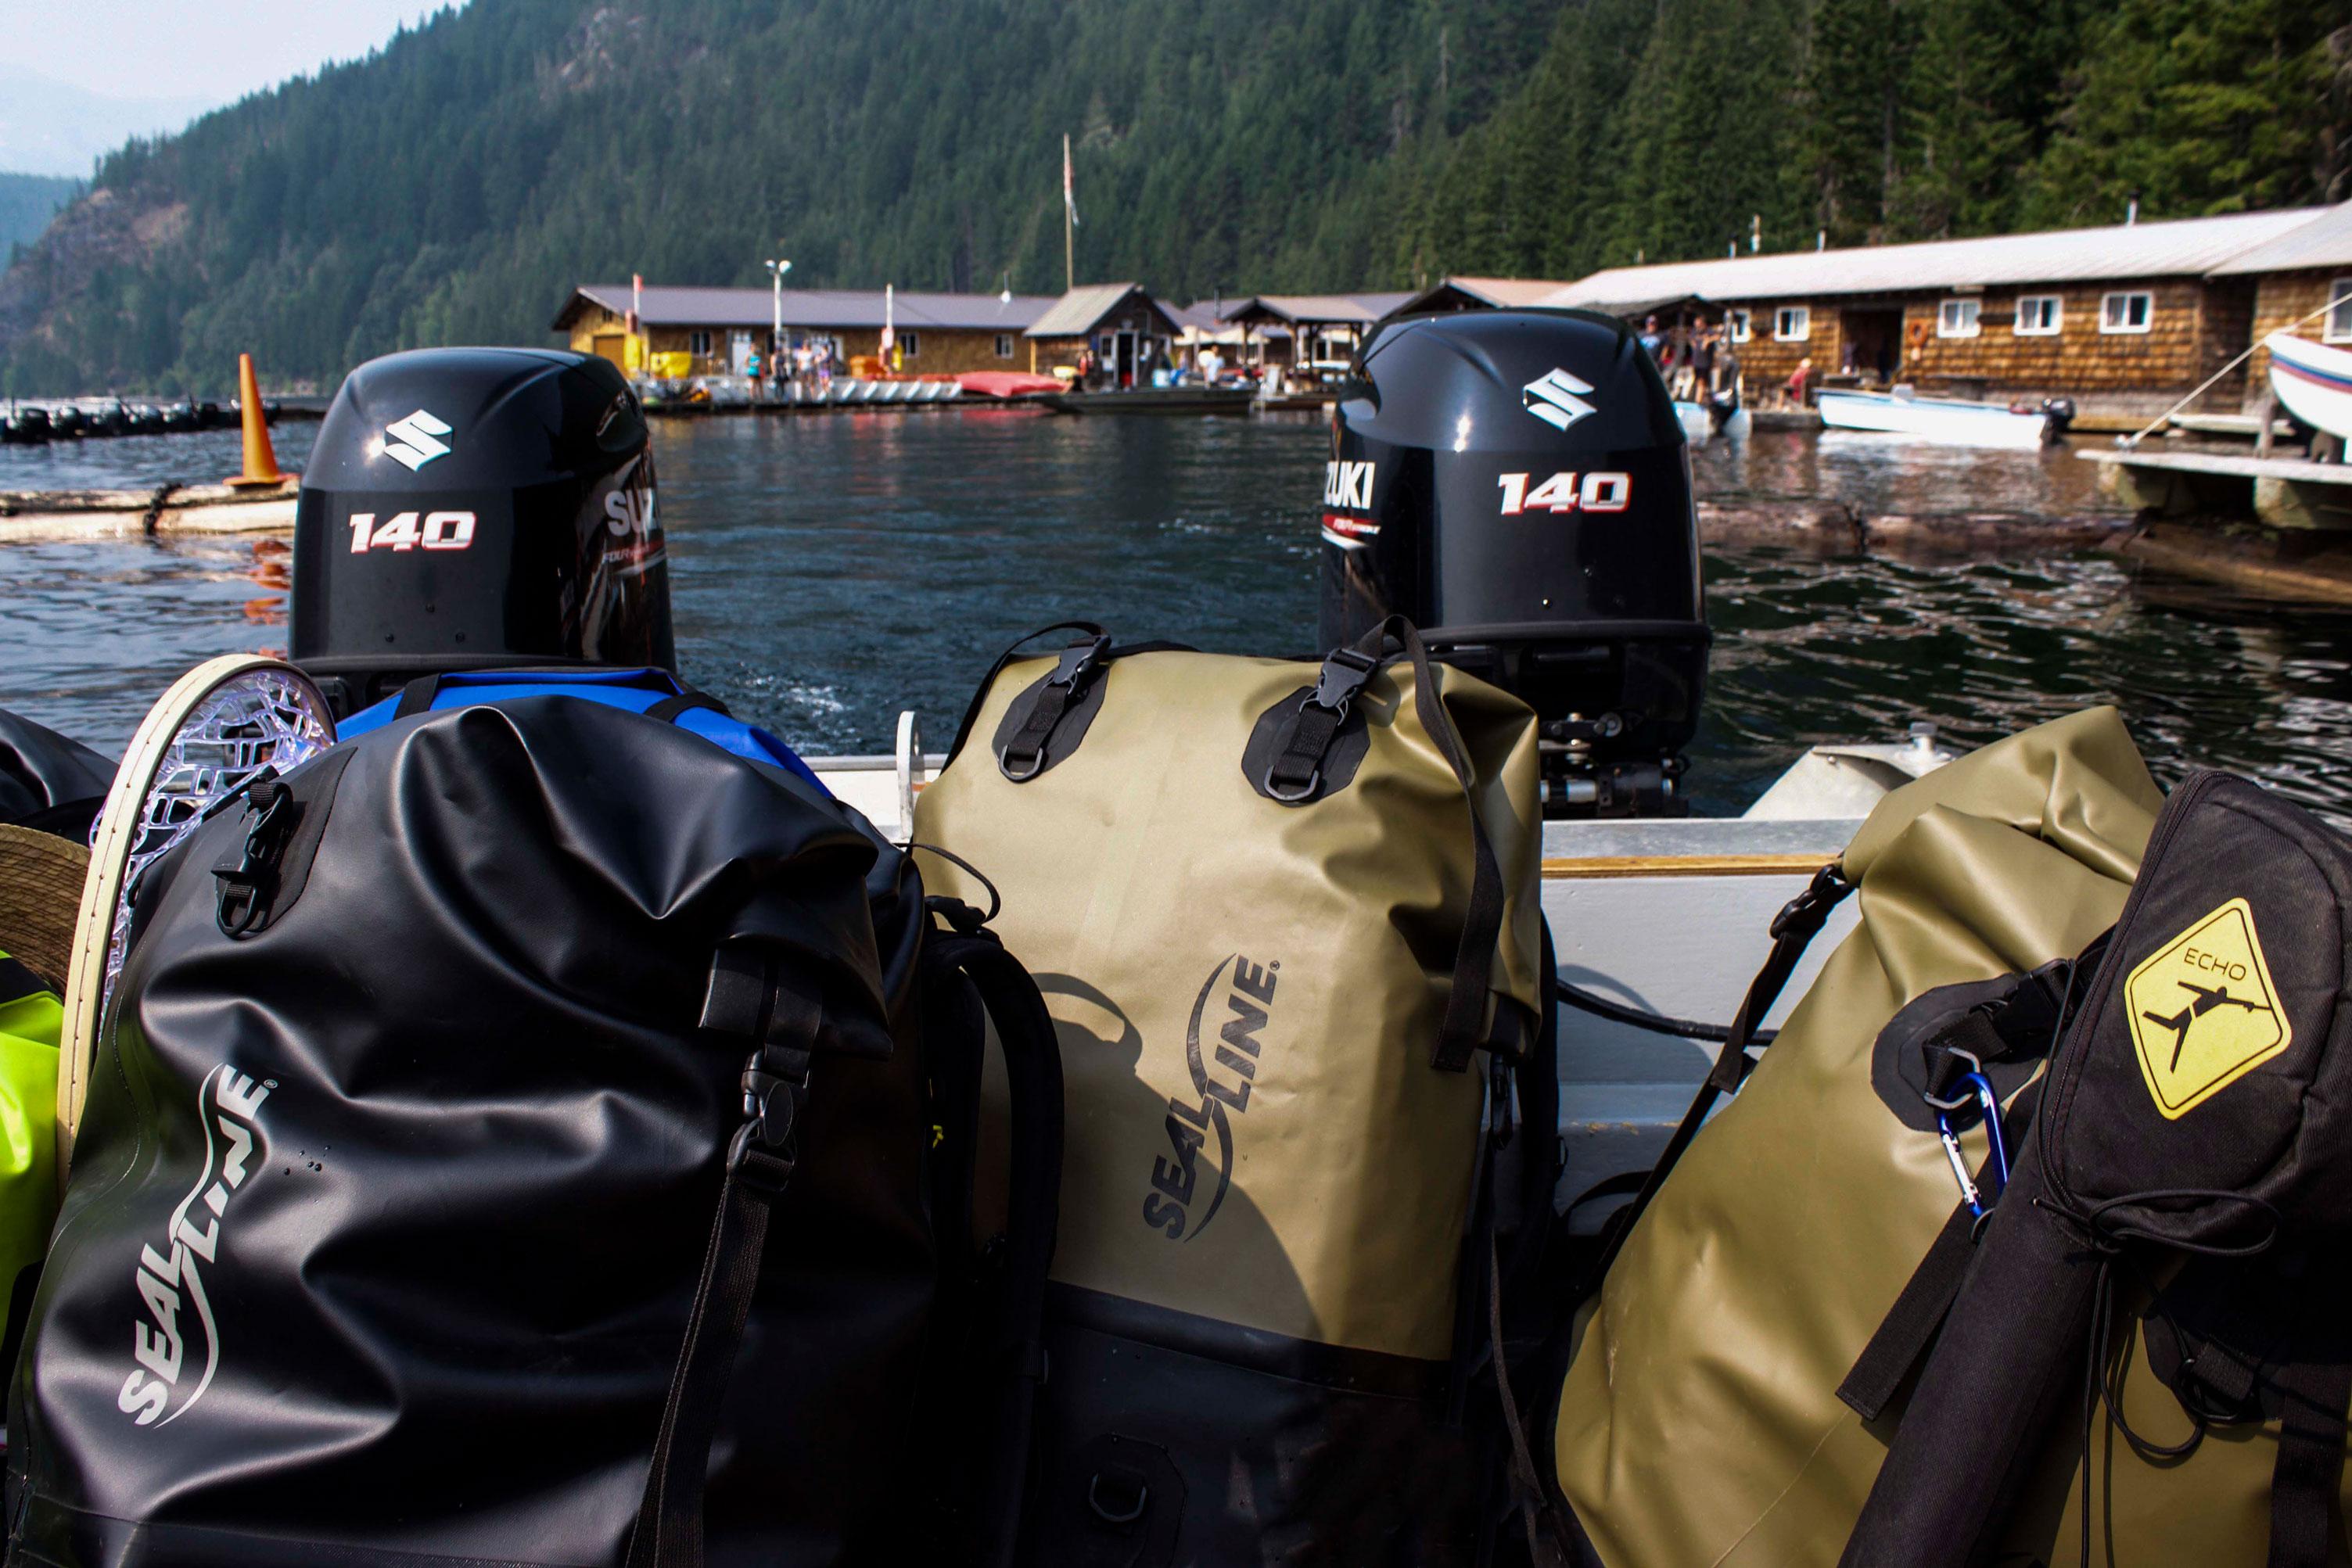 SealLine Portage Packs